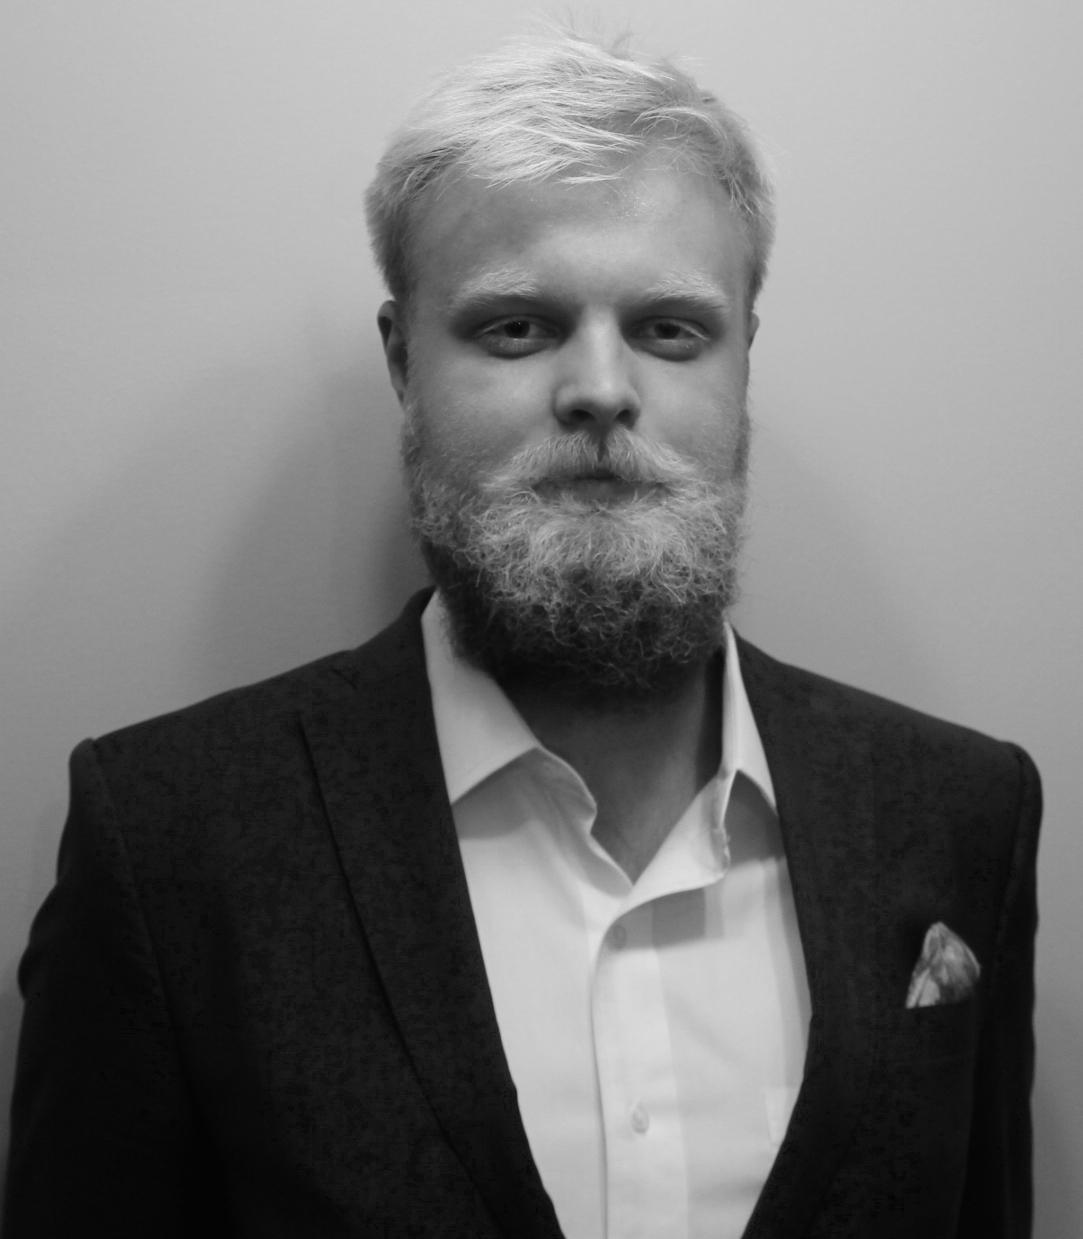 Kalle Engstrand